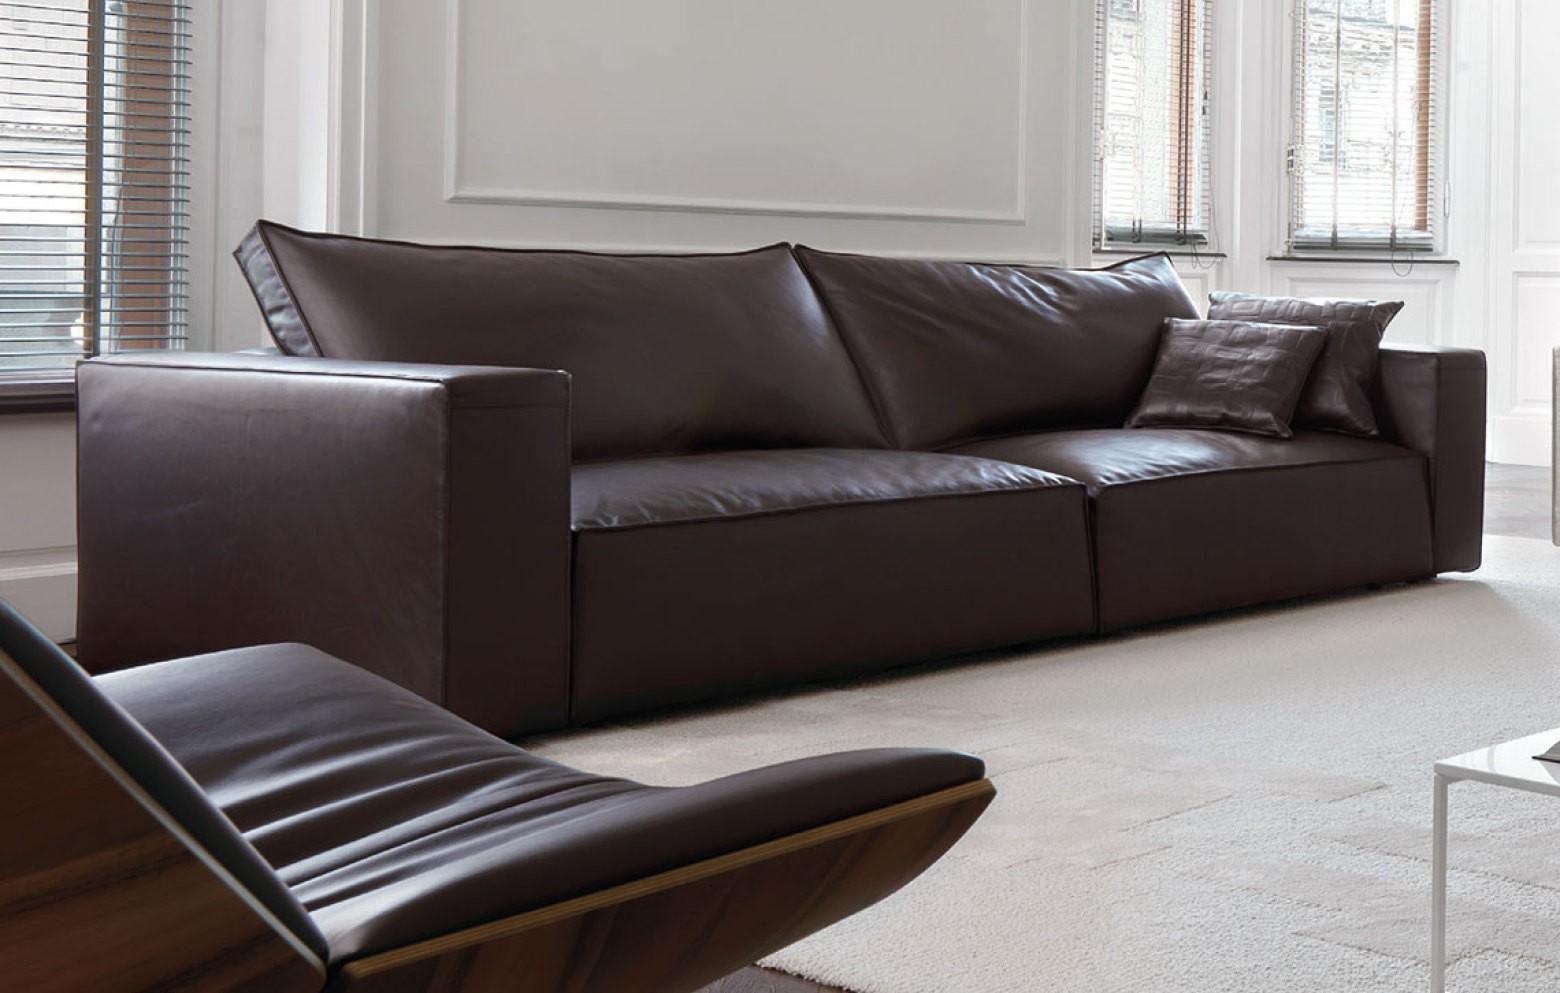 Brilliant Italienische Polstermöbel Dekoration Von Zenit